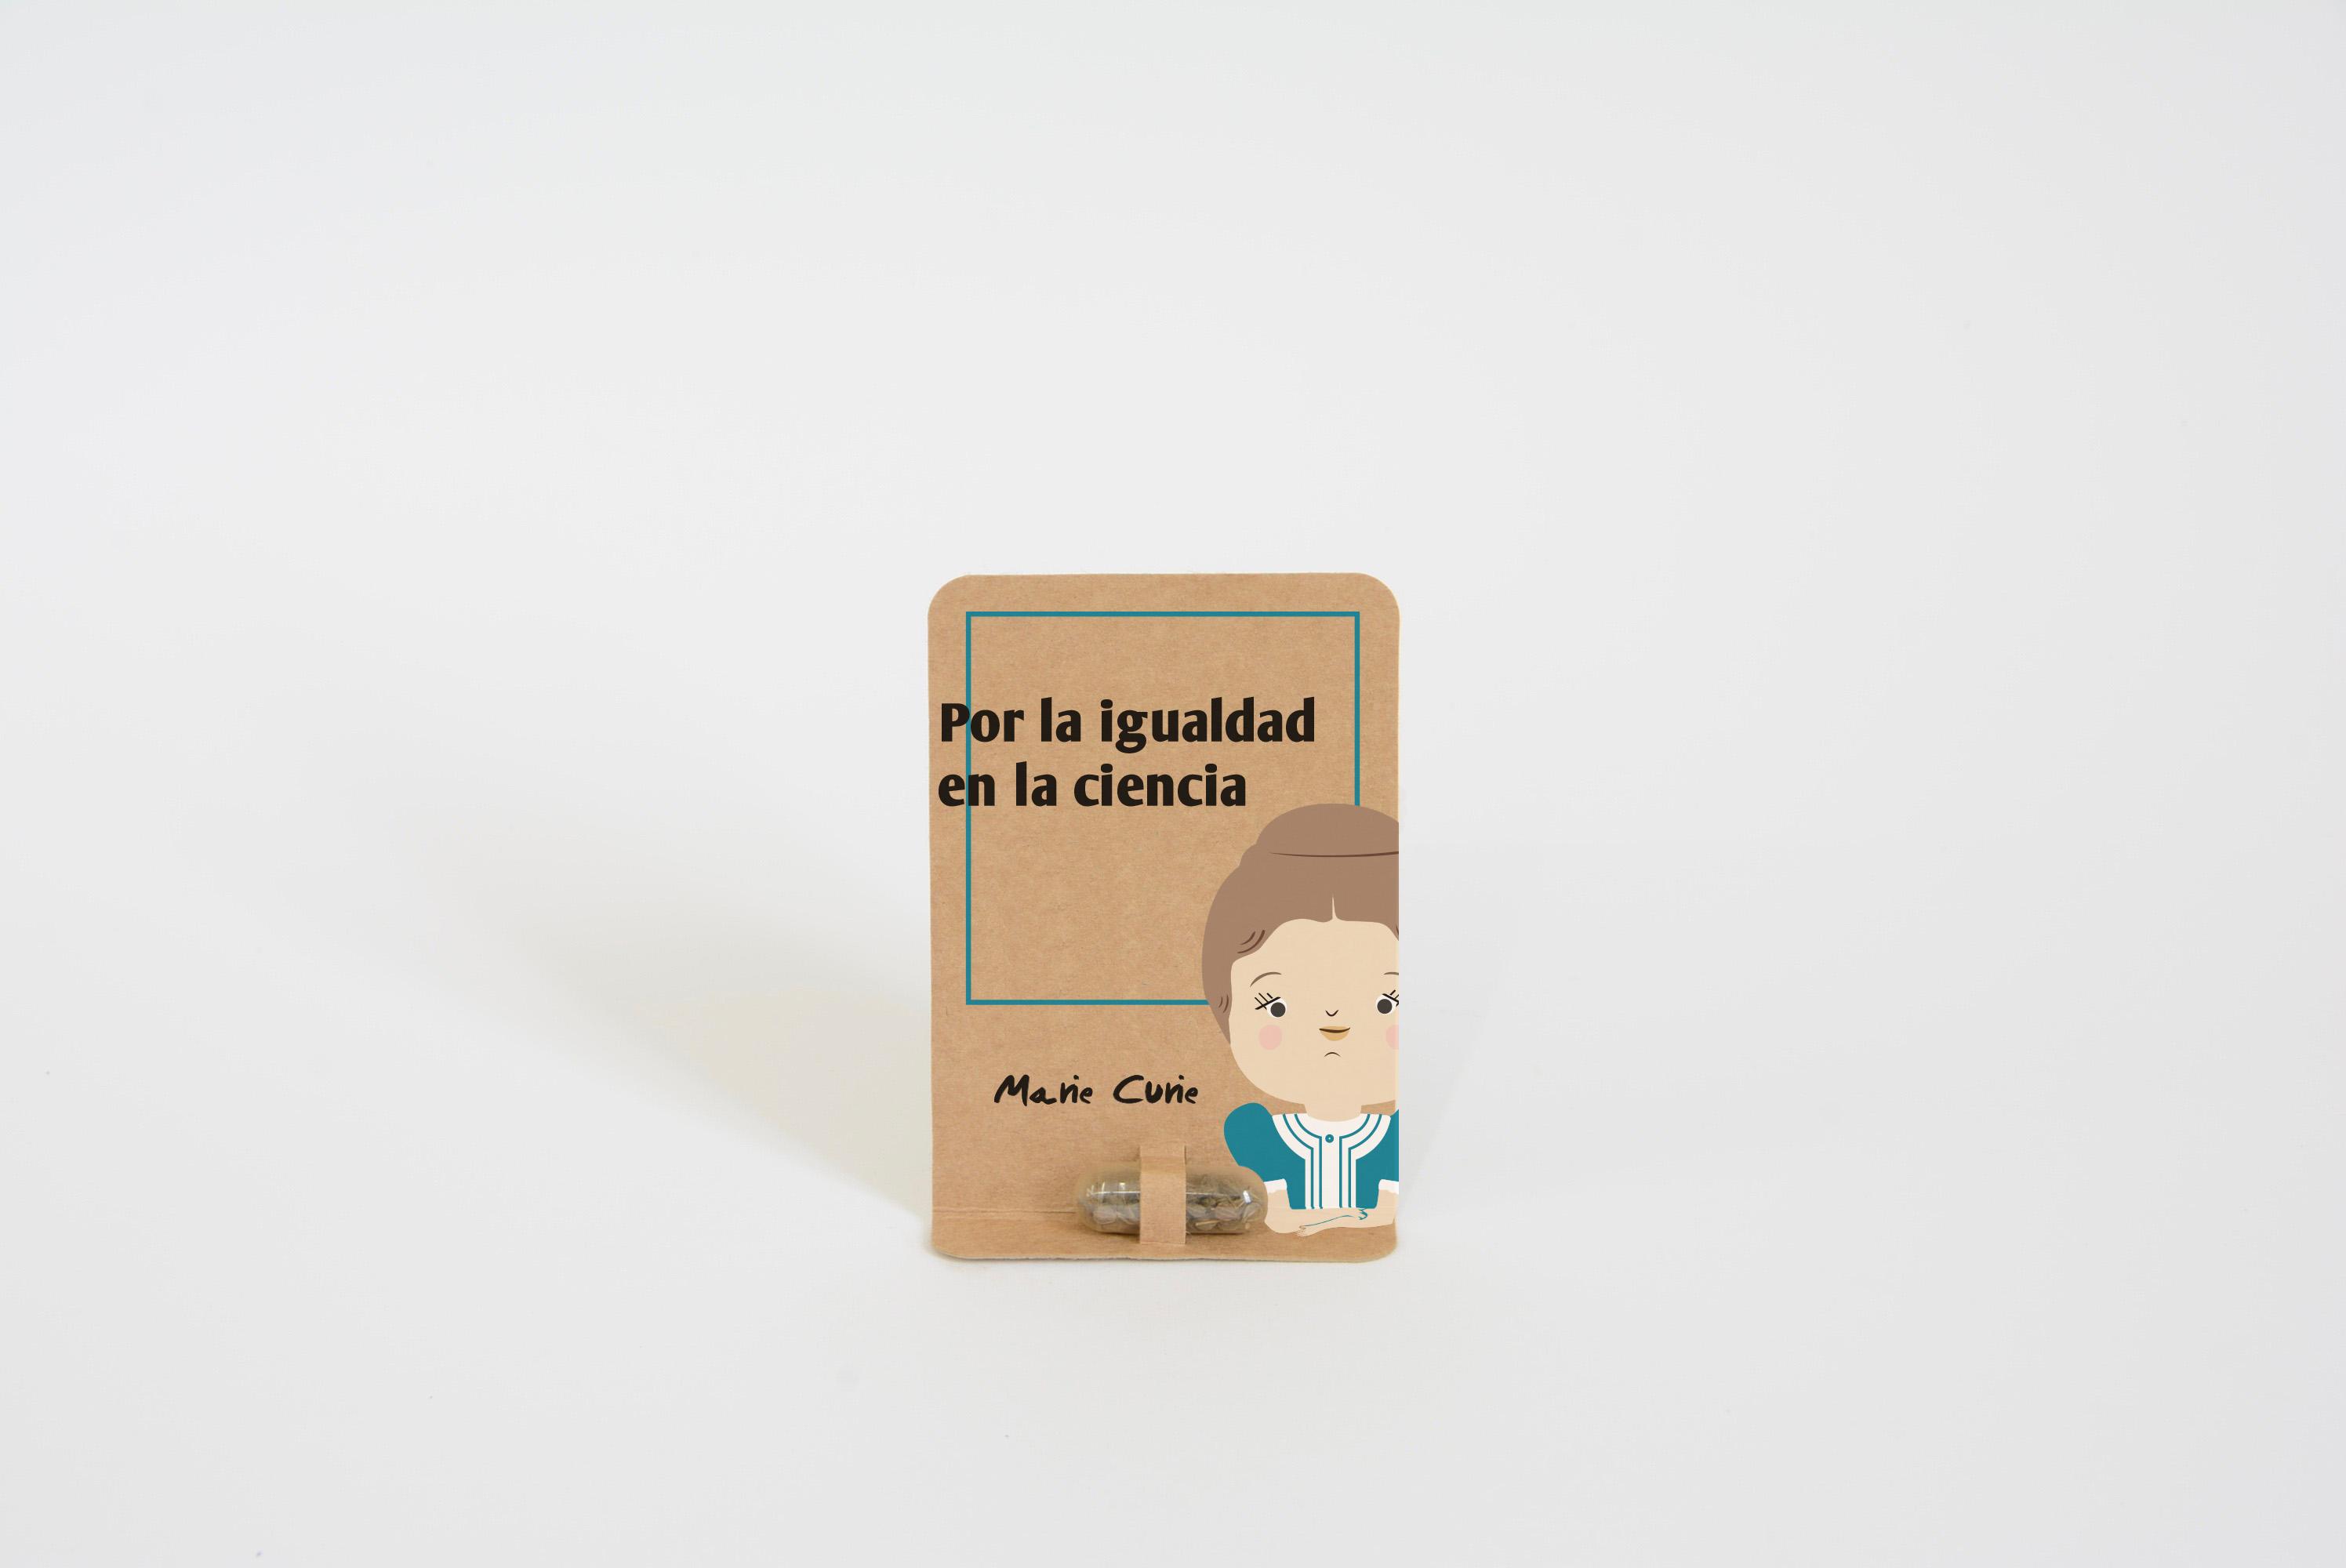 regalo sostenible de empresa